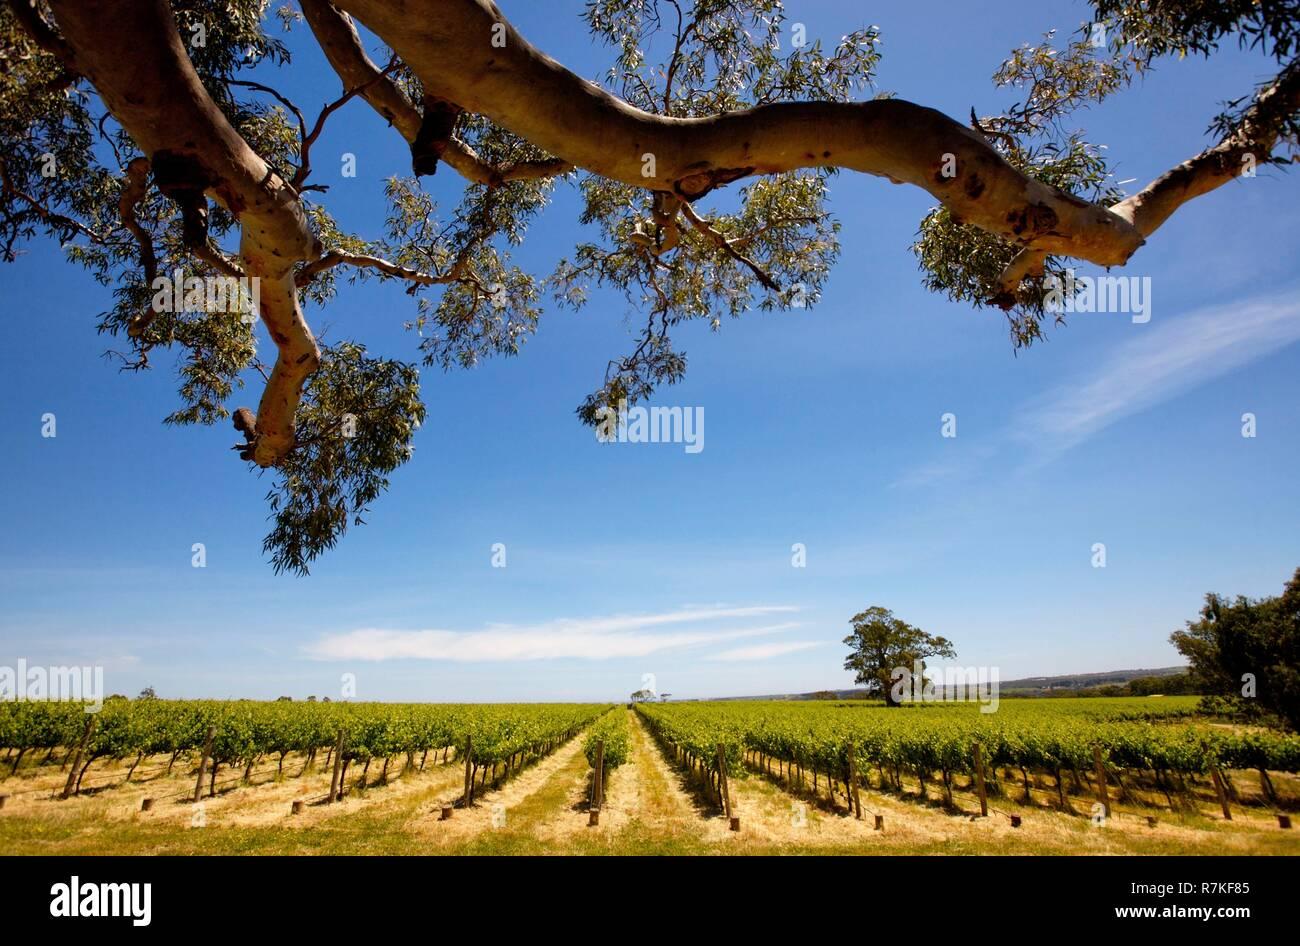 Australia, South Australia, Mac Laren vineyard Stock Photo